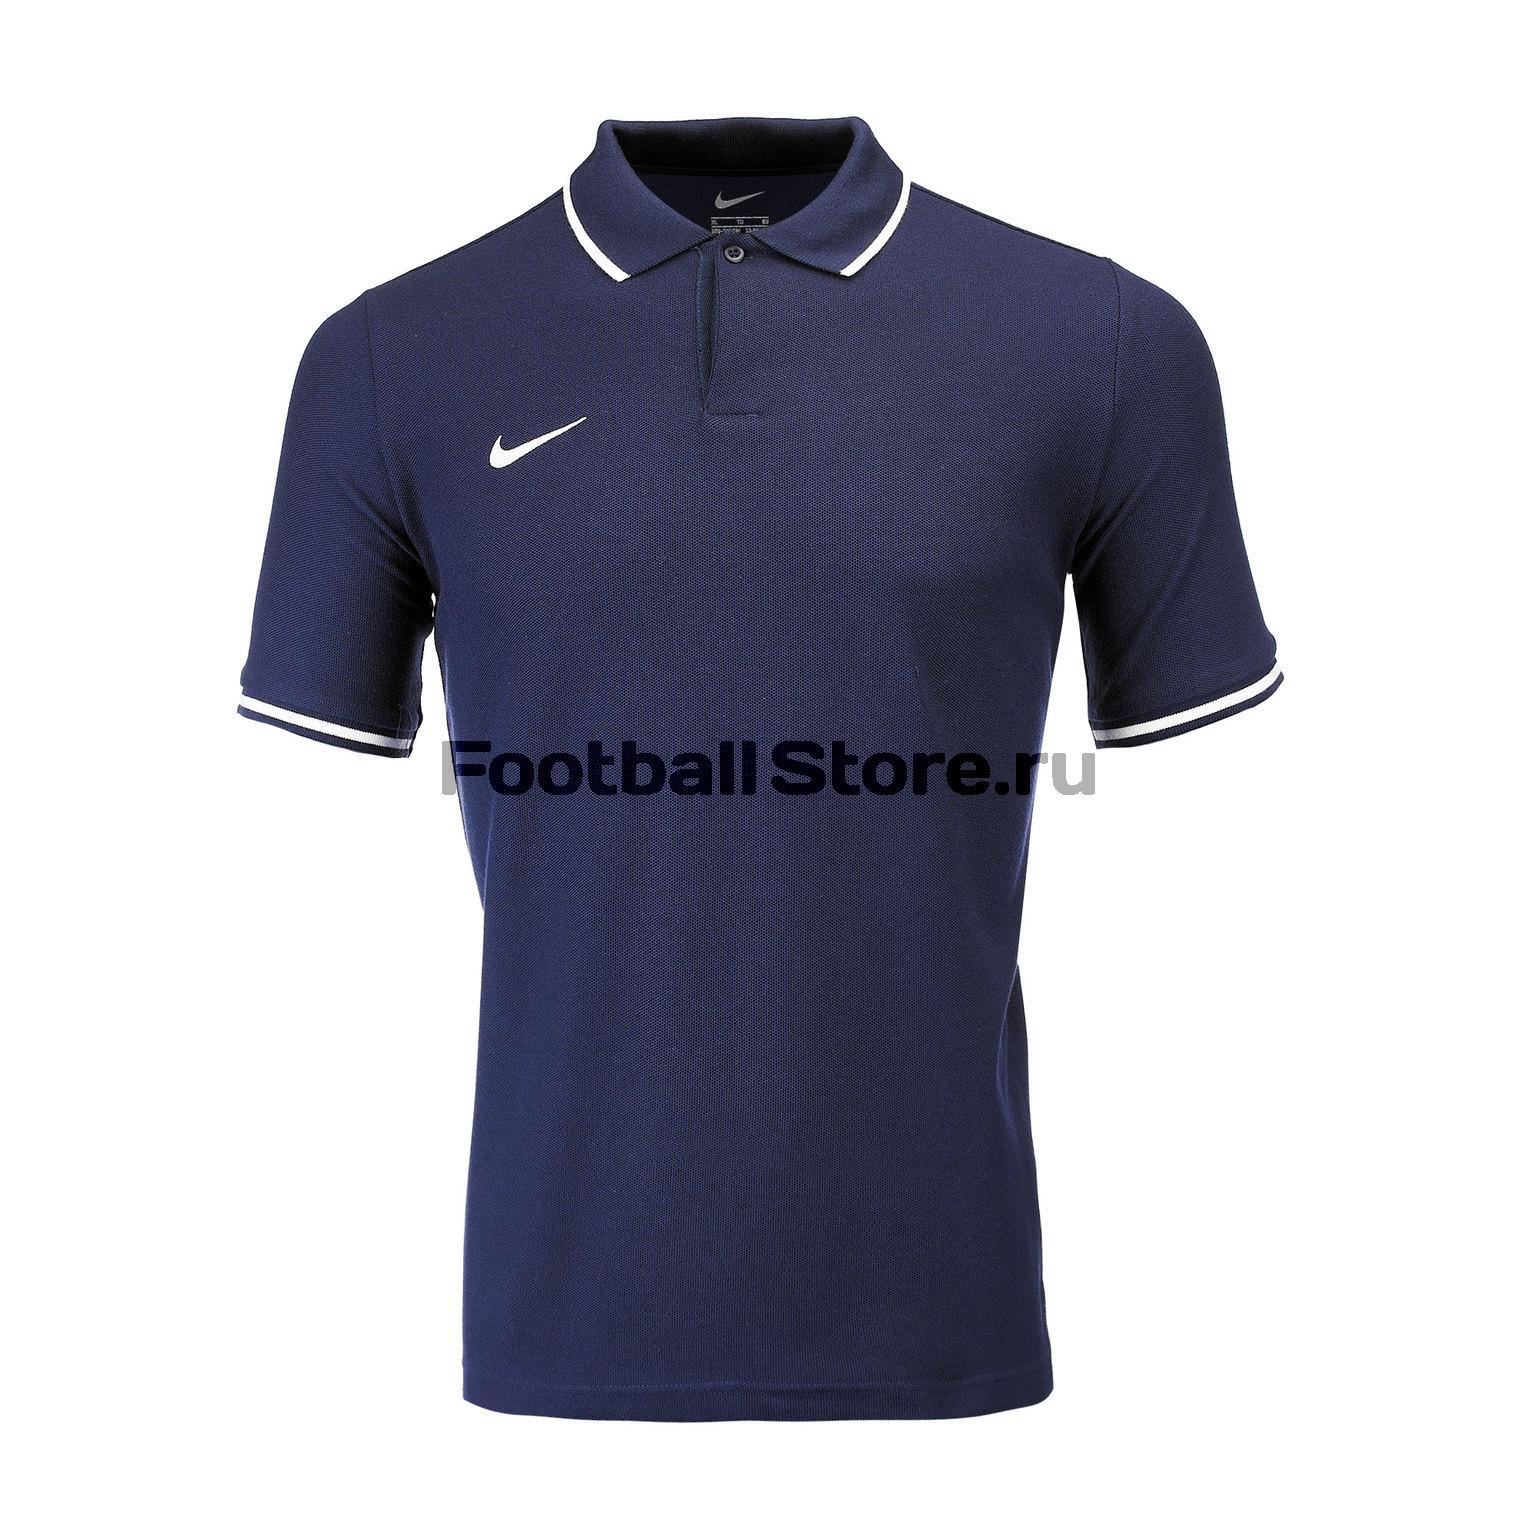 Поло подростковое Nike Polo TM Club19 AJ1546-451 футболка хлопковая nike tee club19 ss aj1504 451